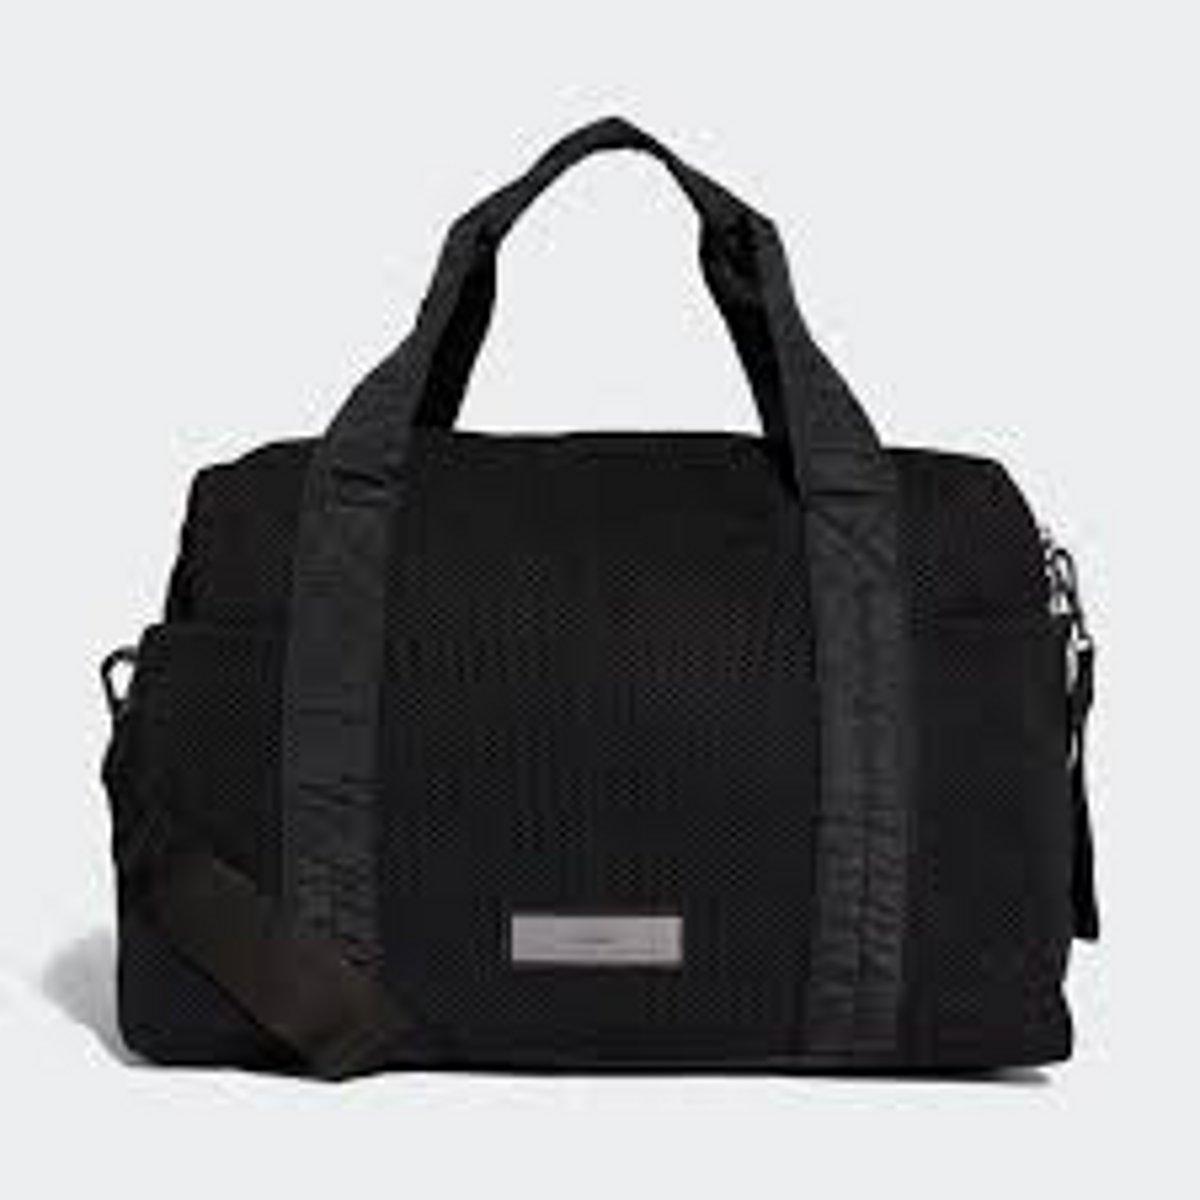 आयकर अधिकारी के घर से रुपयों से भरा बैग गायब